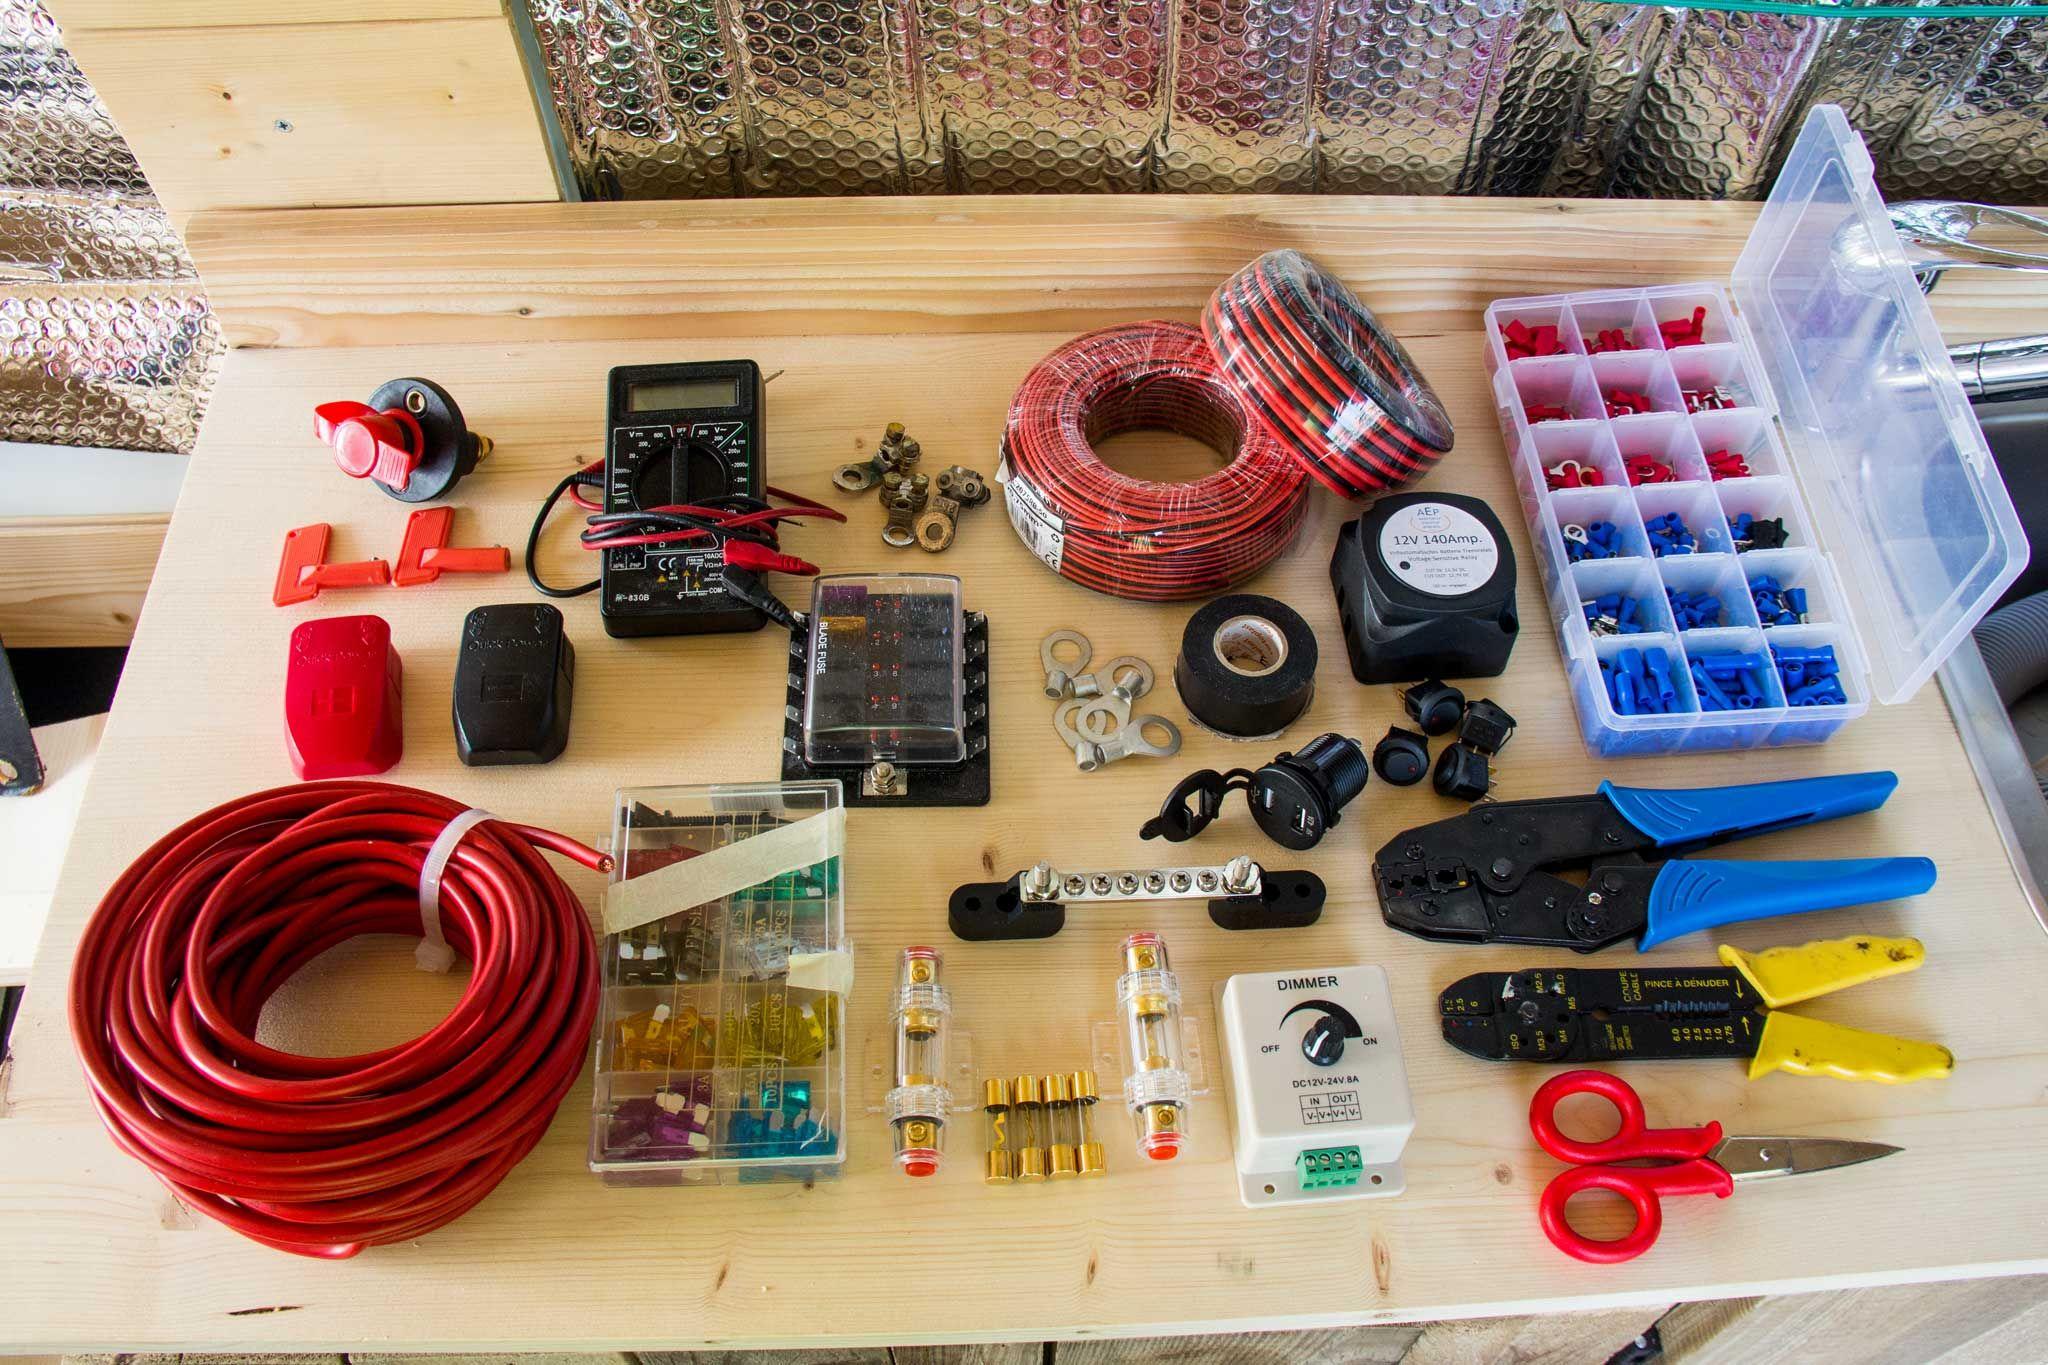 Schema Elettrico Camper : Kit parziale per l impianto elettrico del camper kill switch